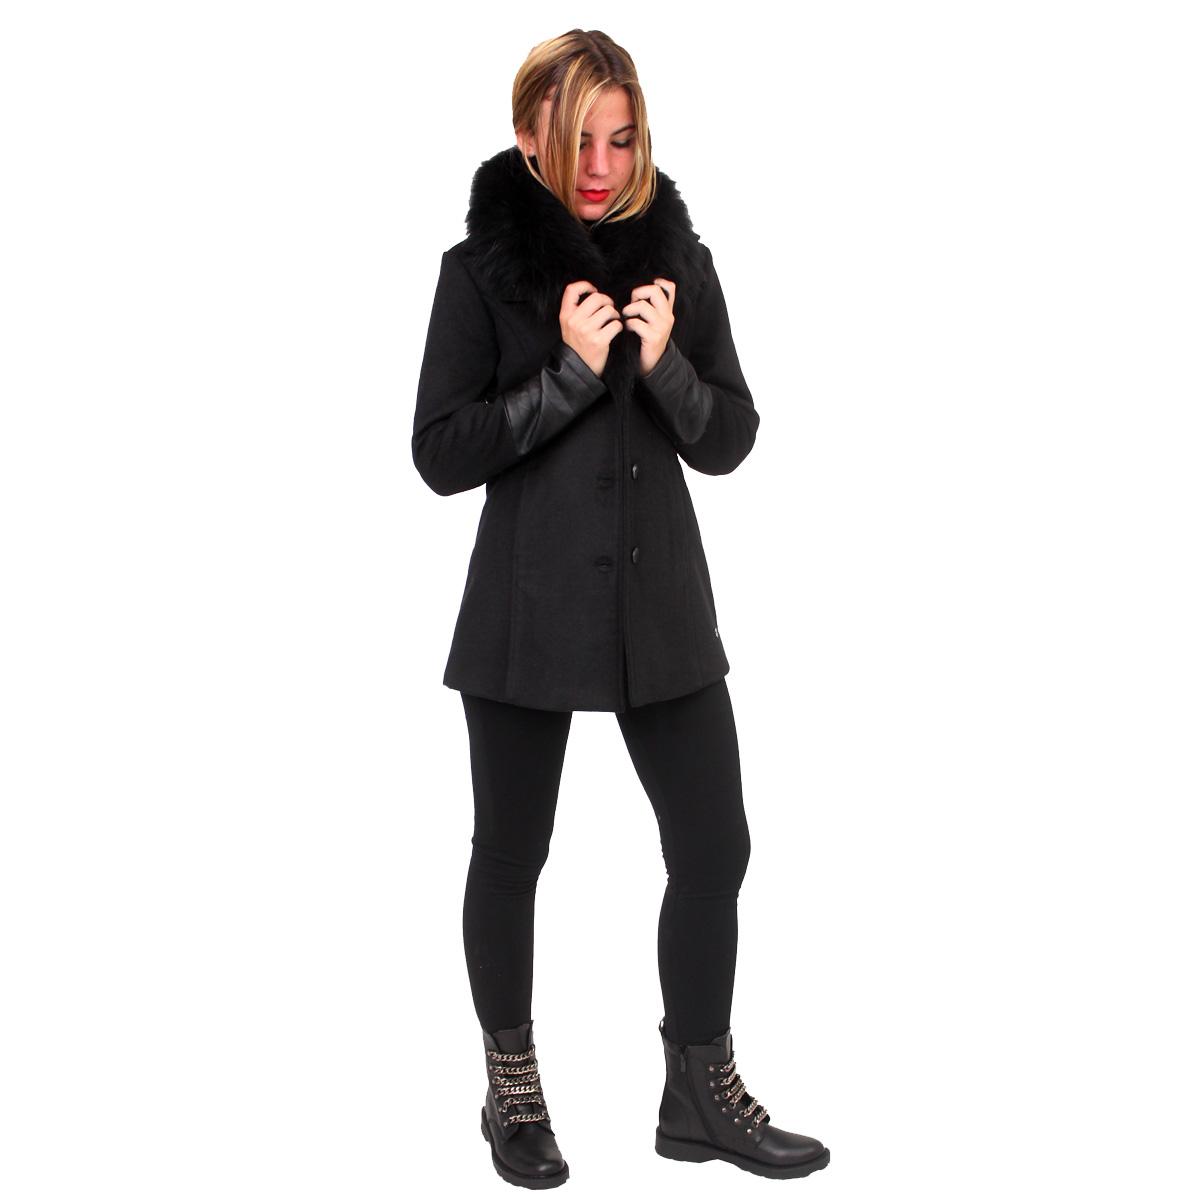 Cappotto con pelo e ecopelle FRACOMINA abbigliamento firmato donna  accessori firmati emilia romagna ingrosso vendita abbigliamento ... cfbf4178b71